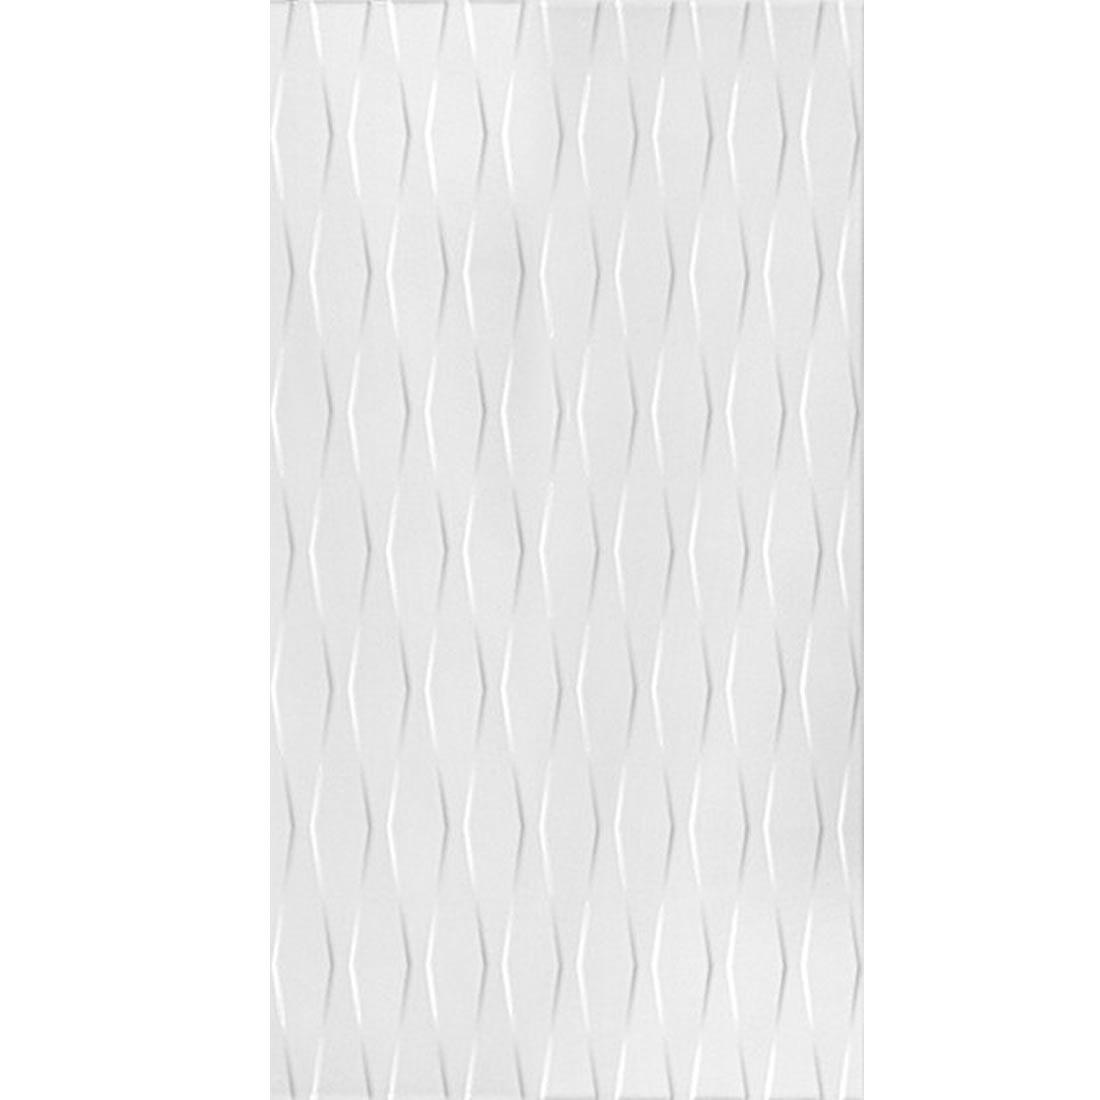 Revestimento Incopisos 32x57,5 Ref: 060111 Branco Balão Extra com 2mts na caixa